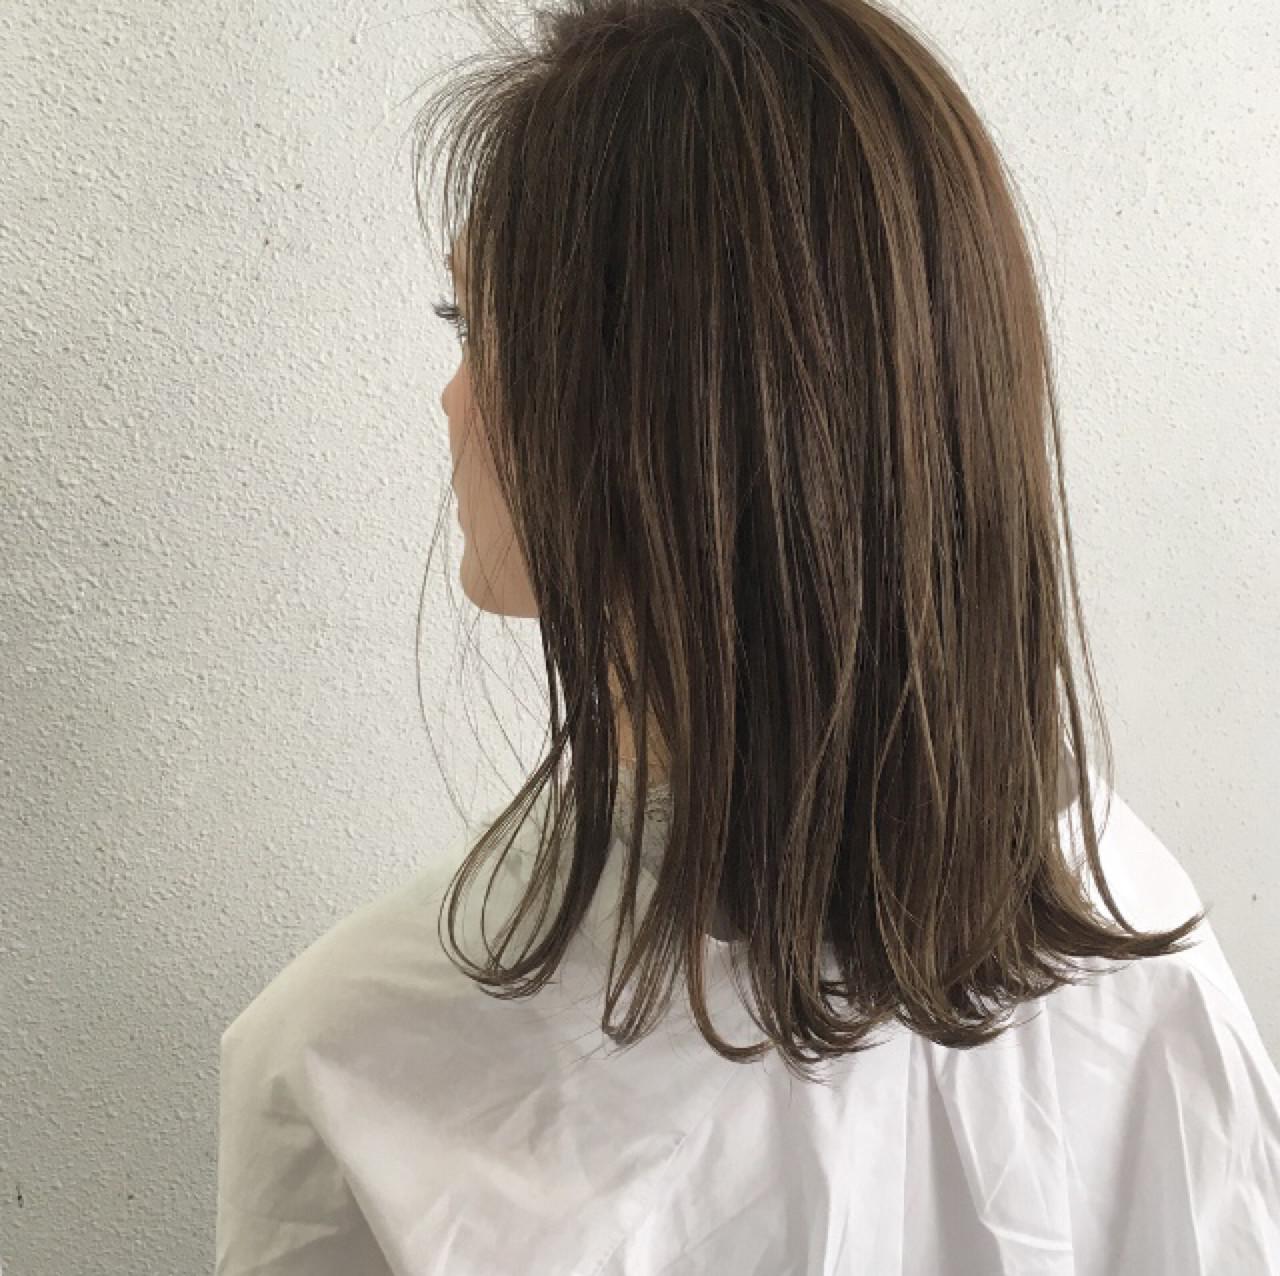 ナチュラル 外ハネ ハイライト ロブ ヘアスタイルや髪型の写真・画像